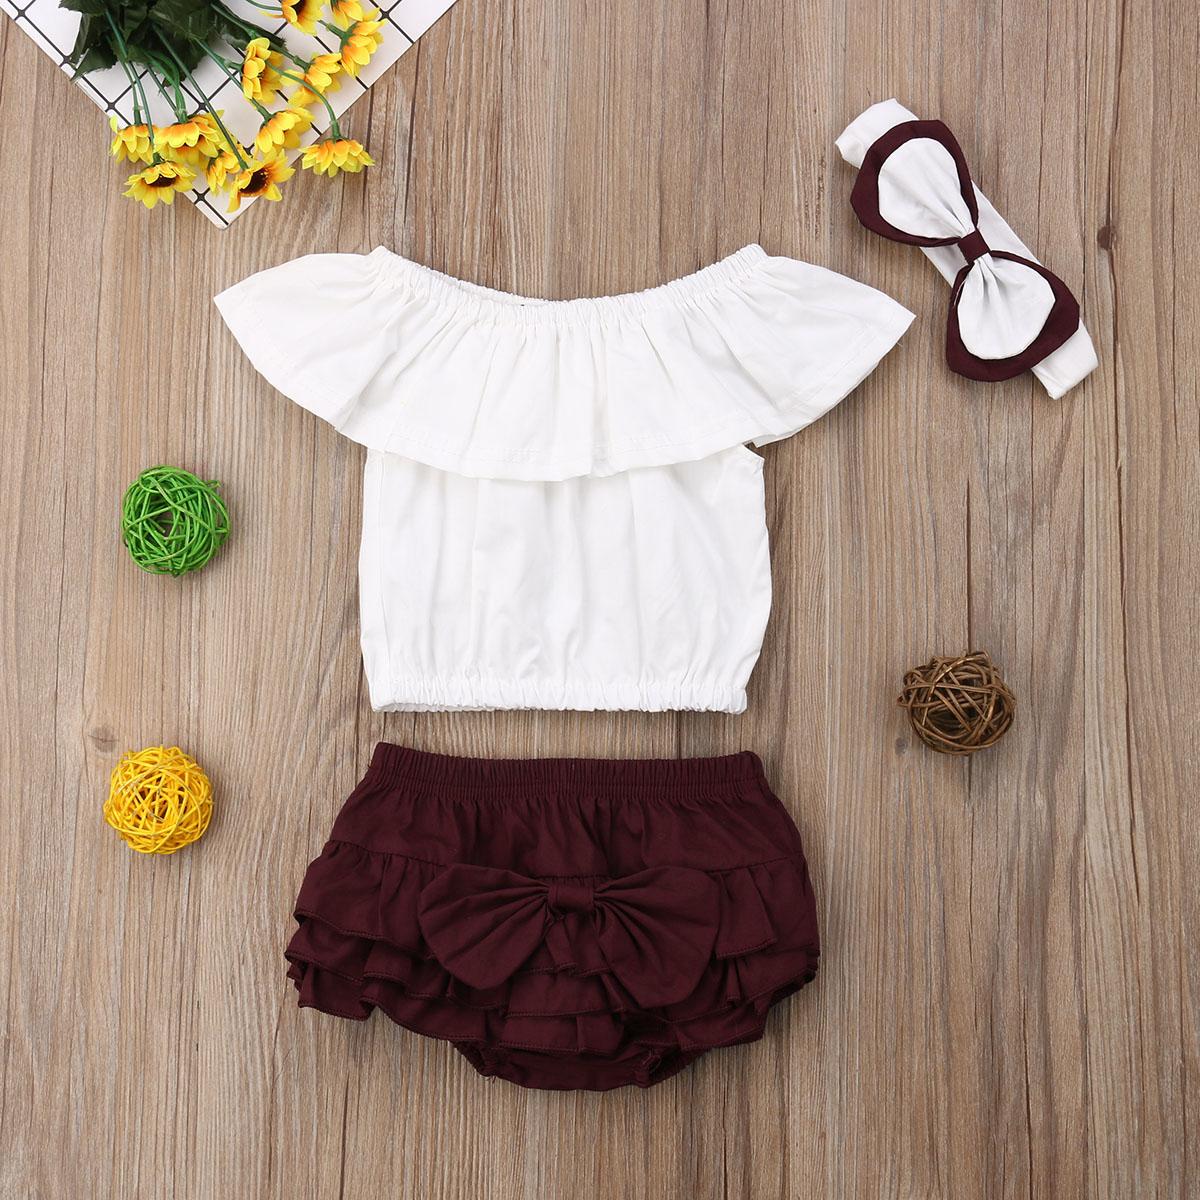 Summer Toddler Kids Baby Girls Clothes Set Off Shoulder